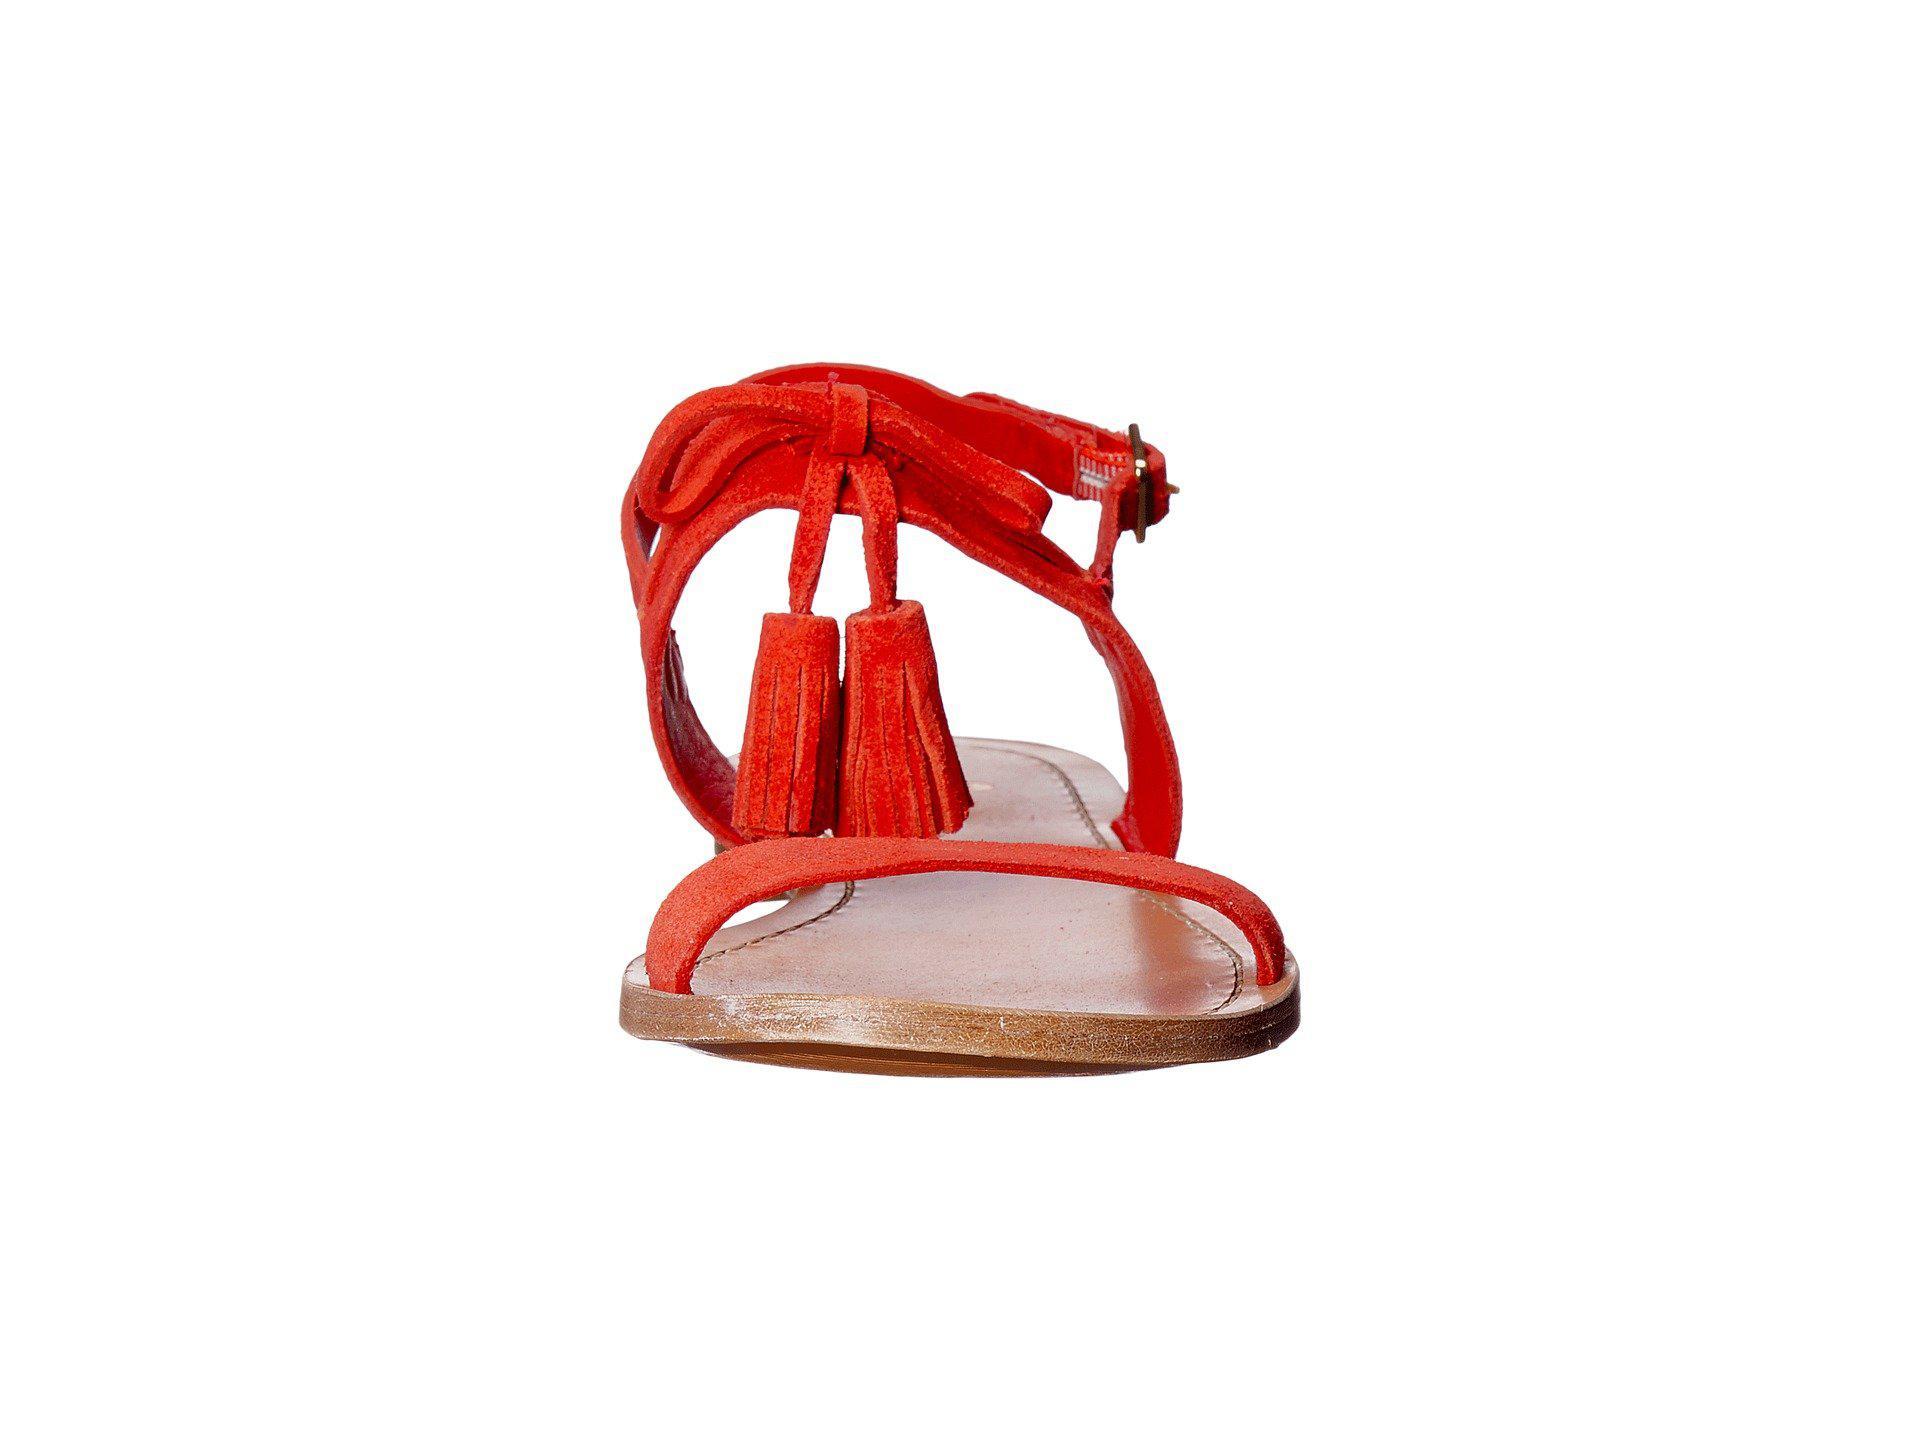 df72728f0fc0 Lyst - Kate Spade Carlita in Red - Save 11.290322580645167%